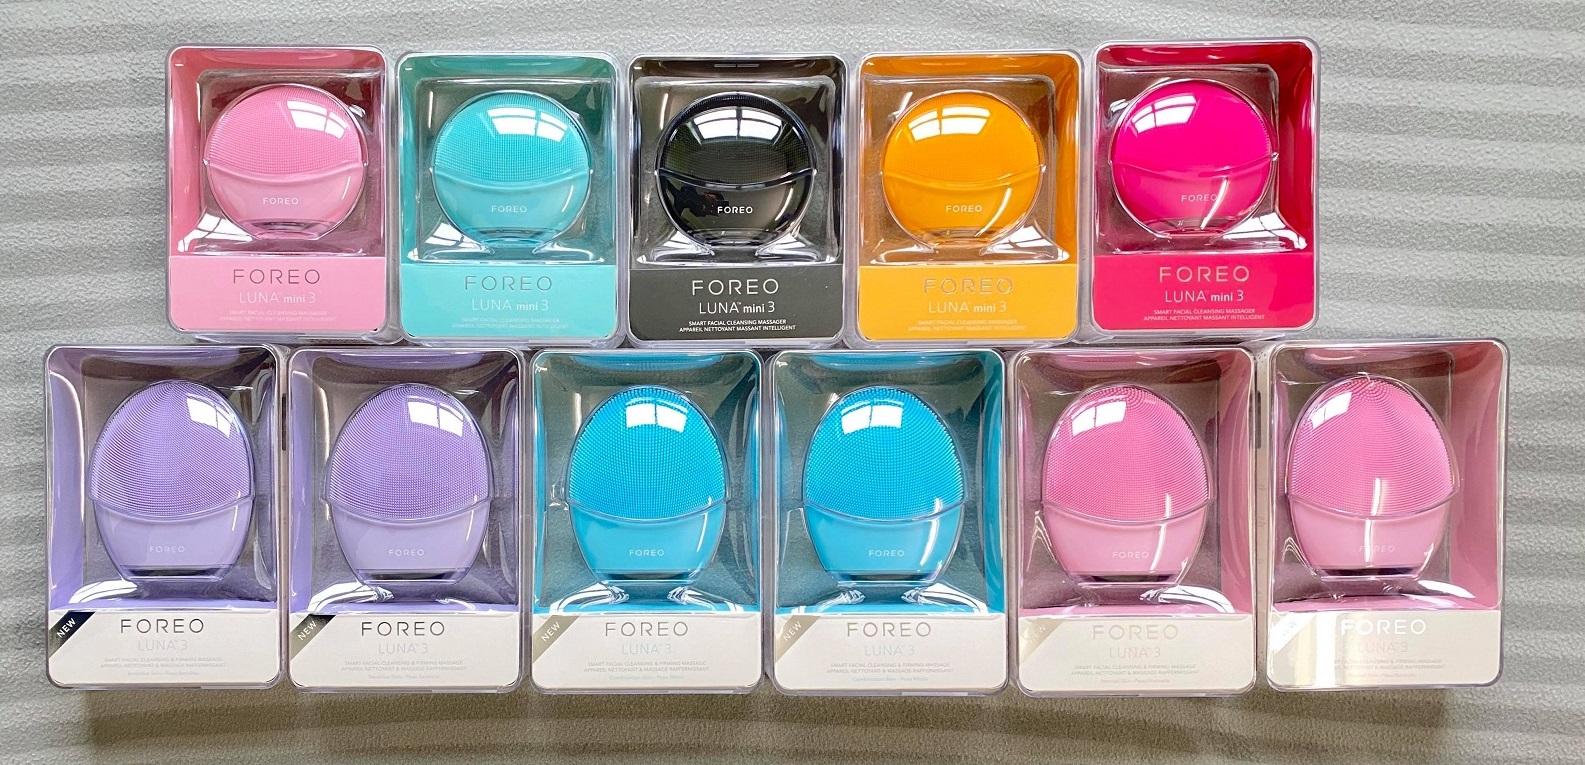 Máy rửa mặt Foreo Luna Mini 3 - Hàng chính hãng Foreo thụy điển